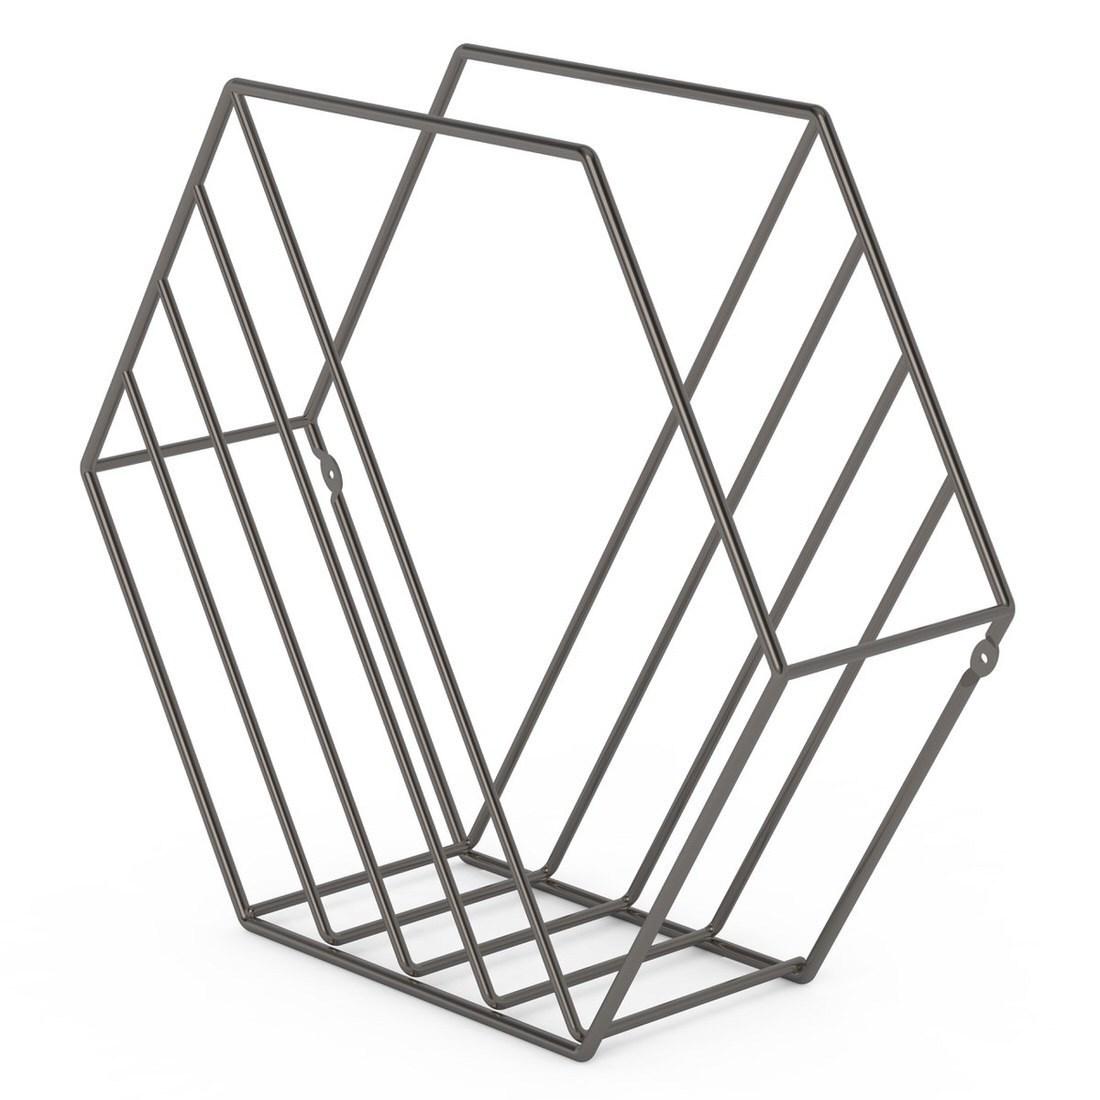 Umbra Zina Magazine Rack Titanium